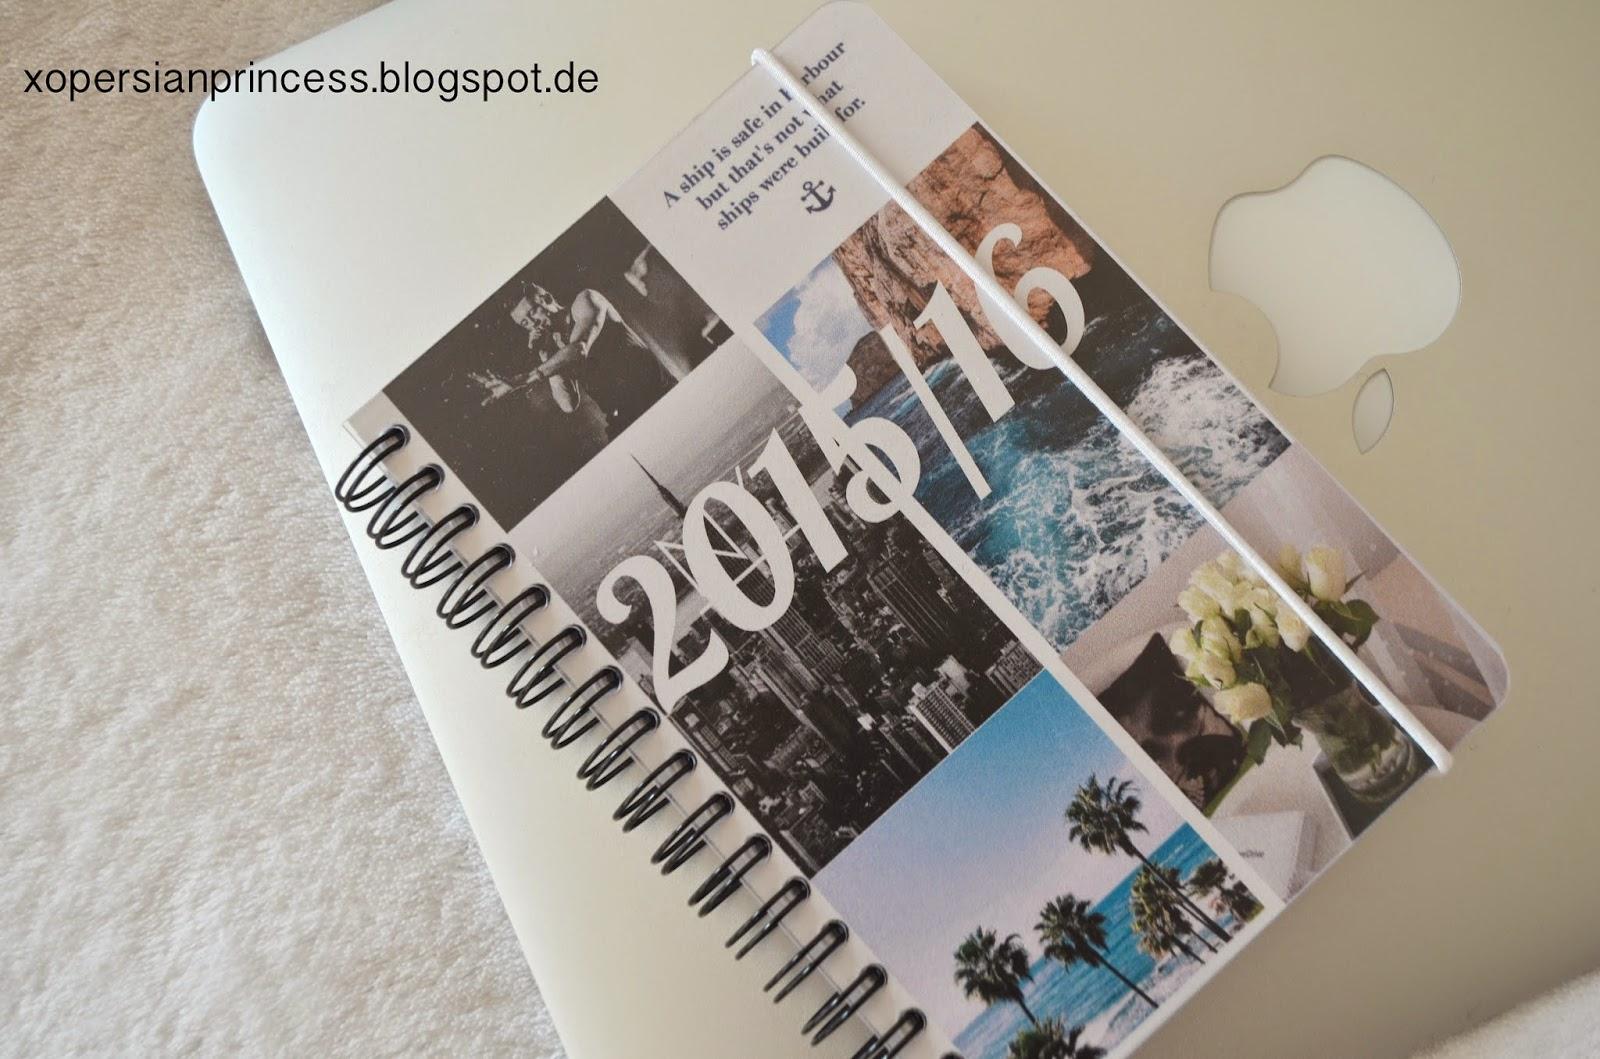 selin mina modeblog aus m nchen fashionblog from munich personalisierte geschenkideen. Black Bedroom Furniture Sets. Home Design Ideas